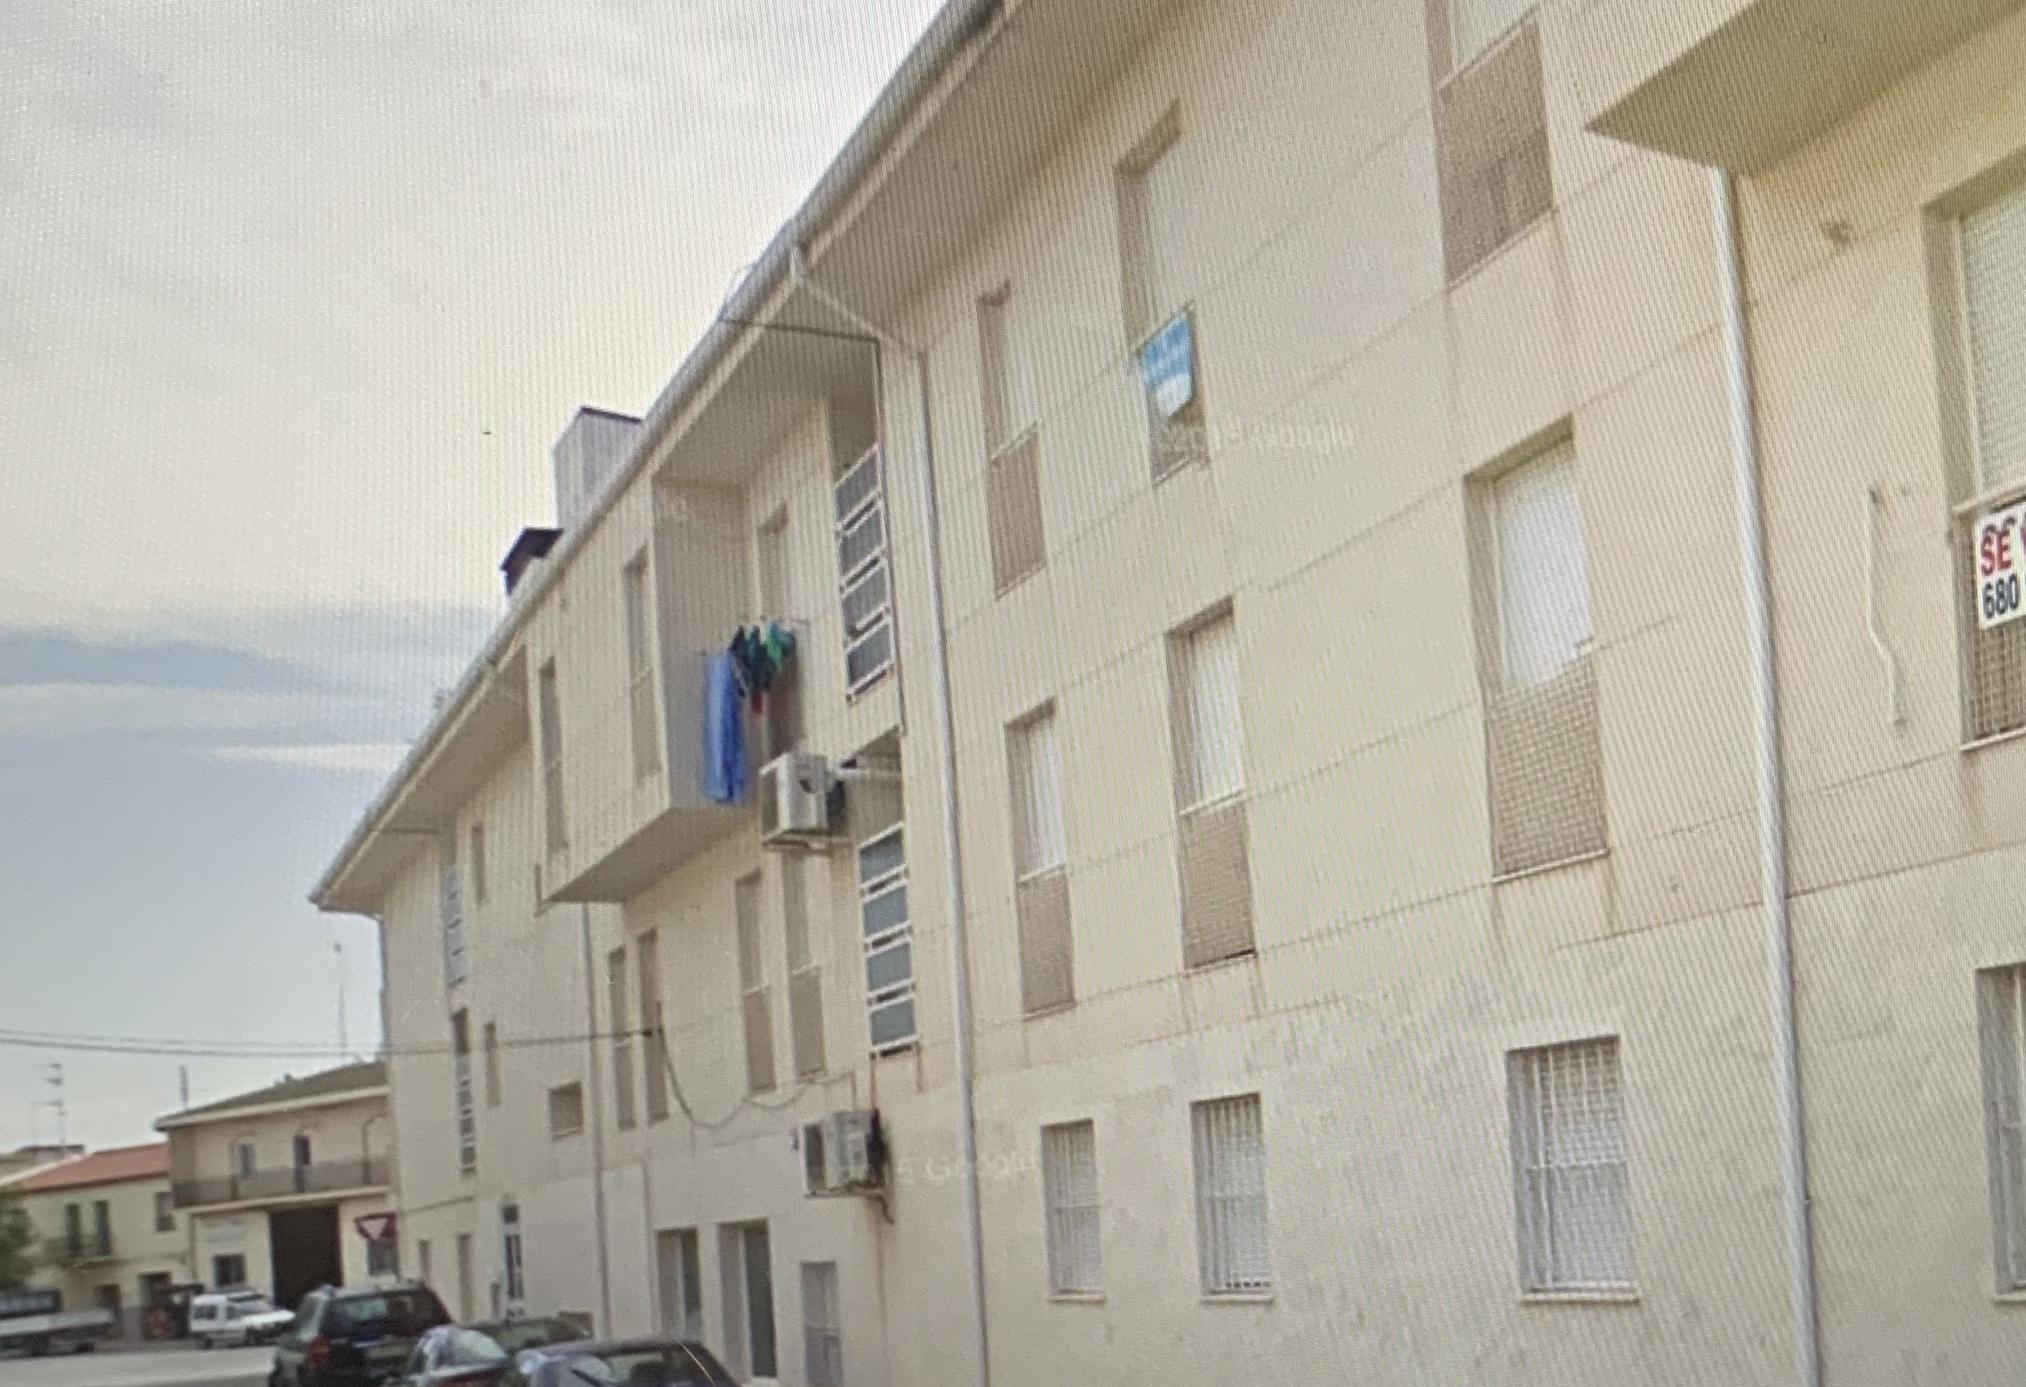 Piso en venta en Horcajo de Santiago, Cuenca, Calle Torrubia, 53.000 €, 3 habitaciones, 1 baño, 118 m2